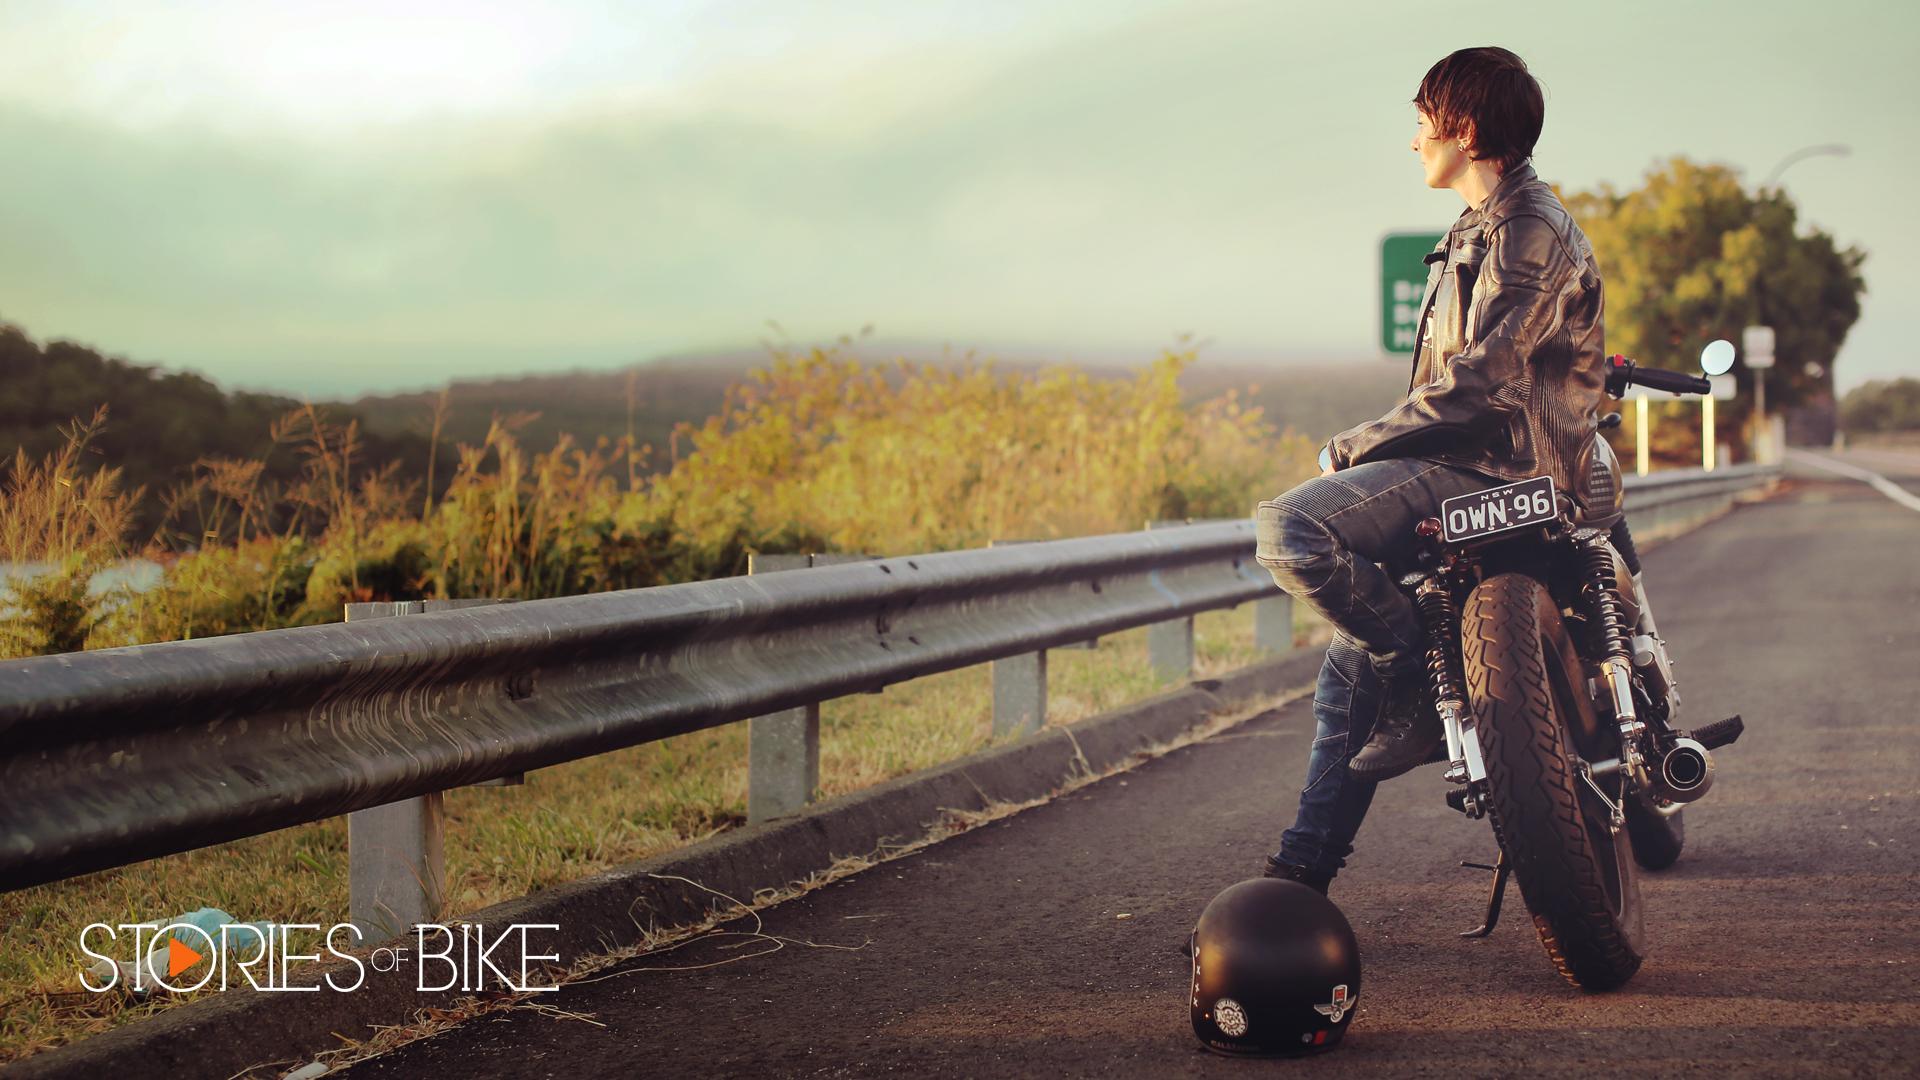 Stories_of_Bike_Ep10_6.jpg